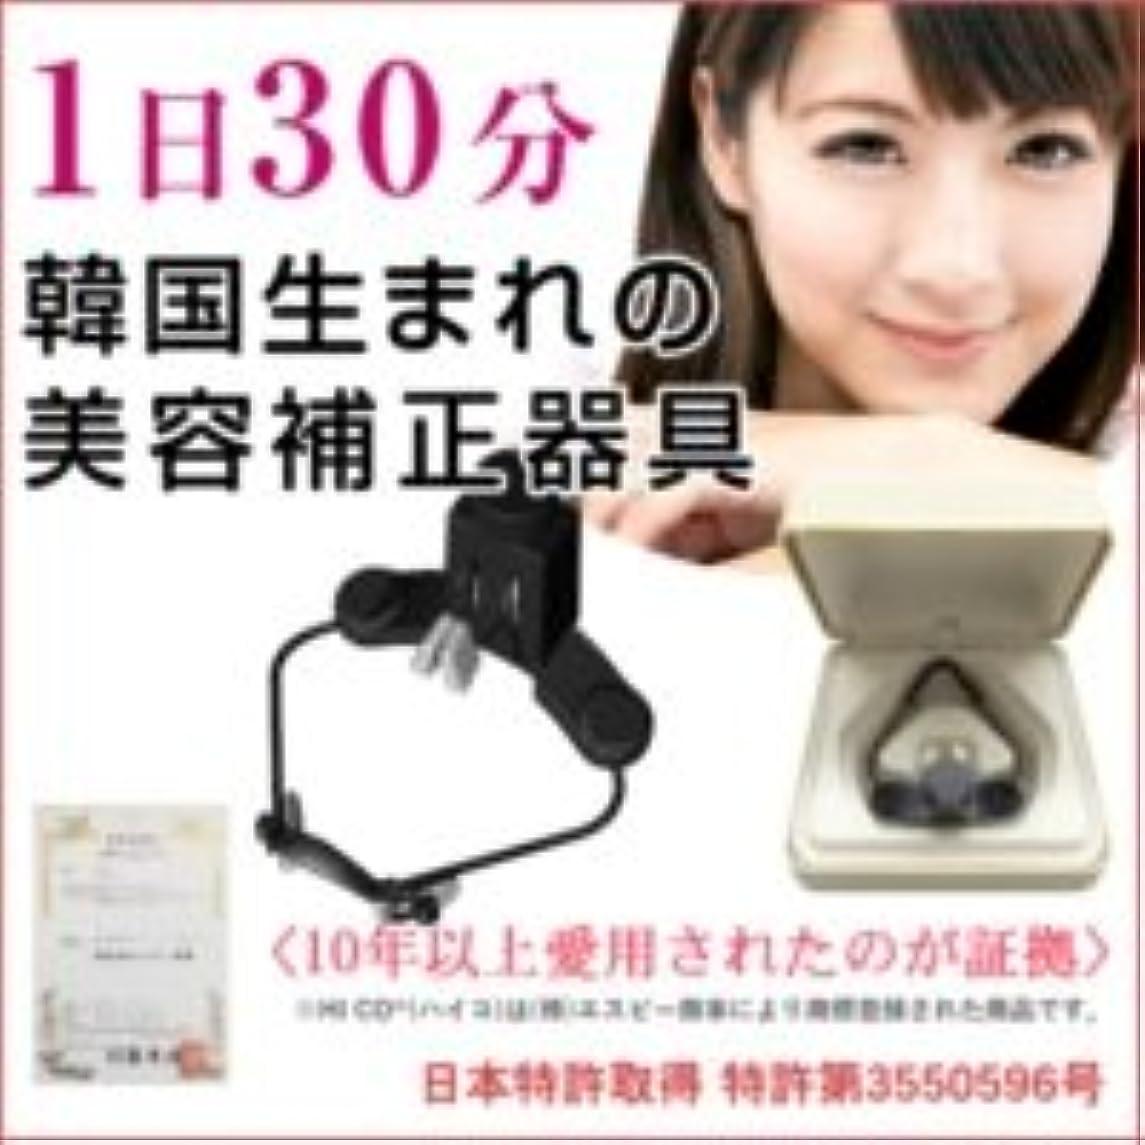 それから意図的覆すHICO 美鼻補正器具